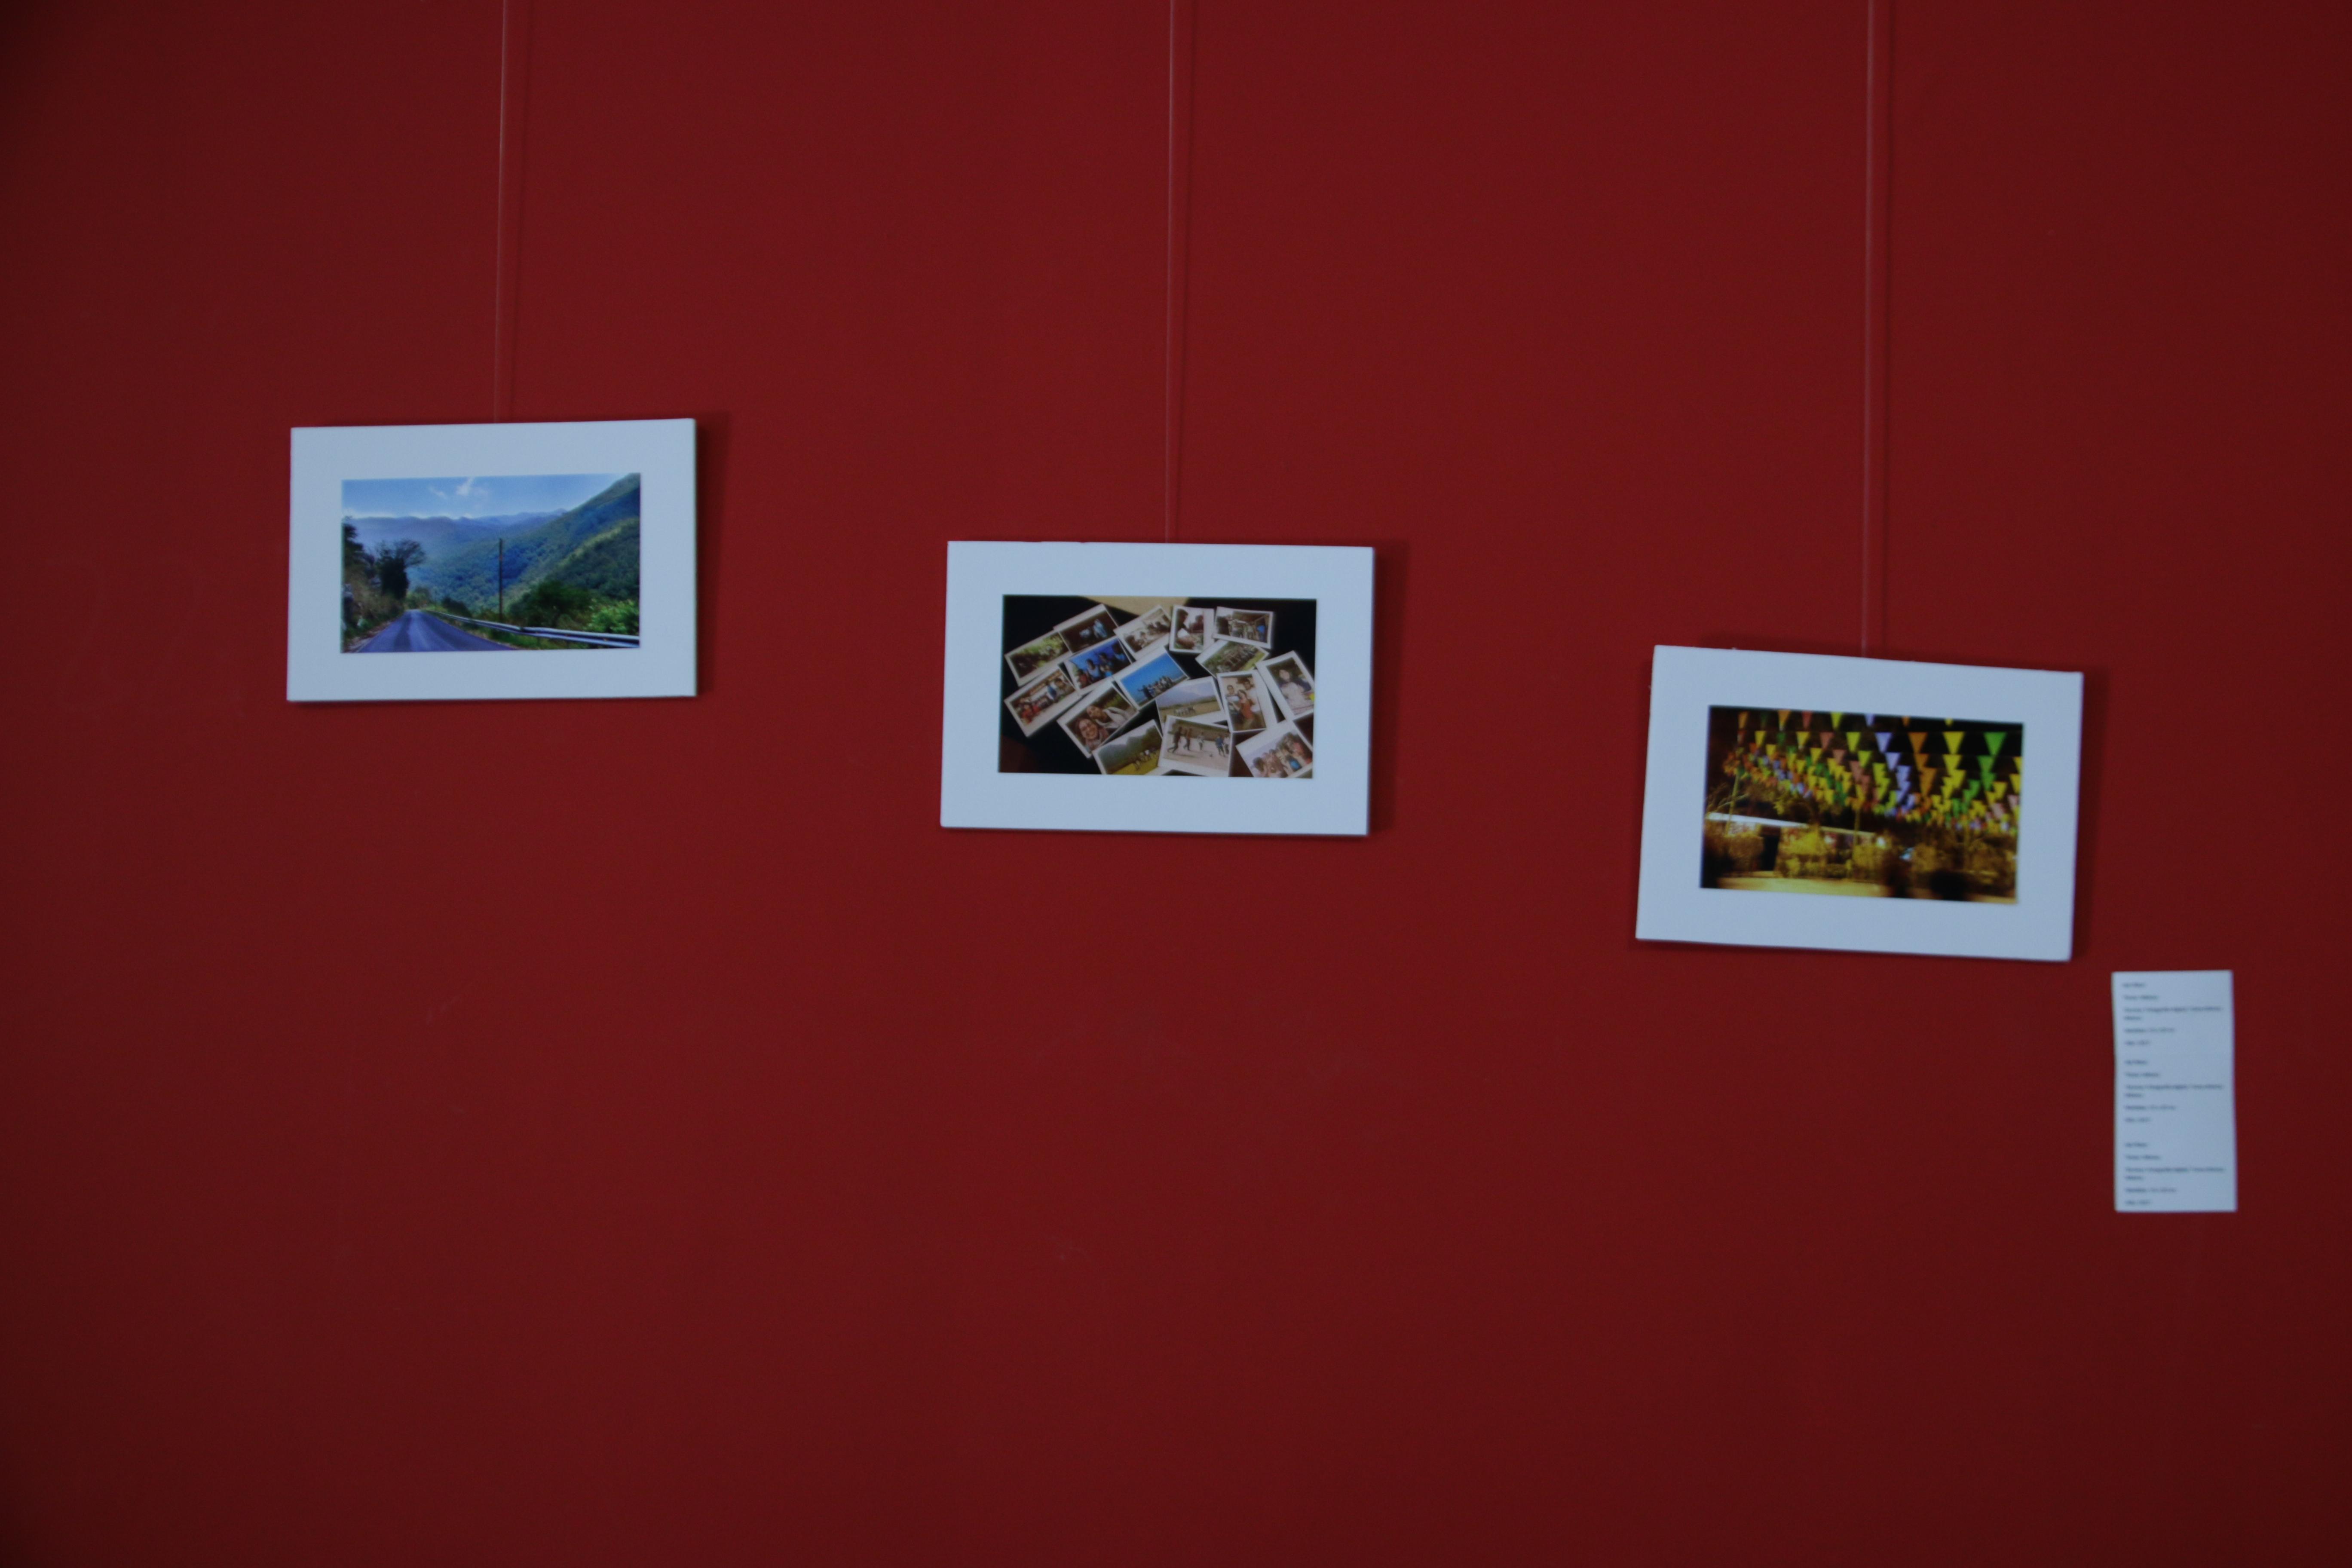 Foto muestra *5 - Del imaginario a Undav, primera muestra colectiva de artistas estudiantes